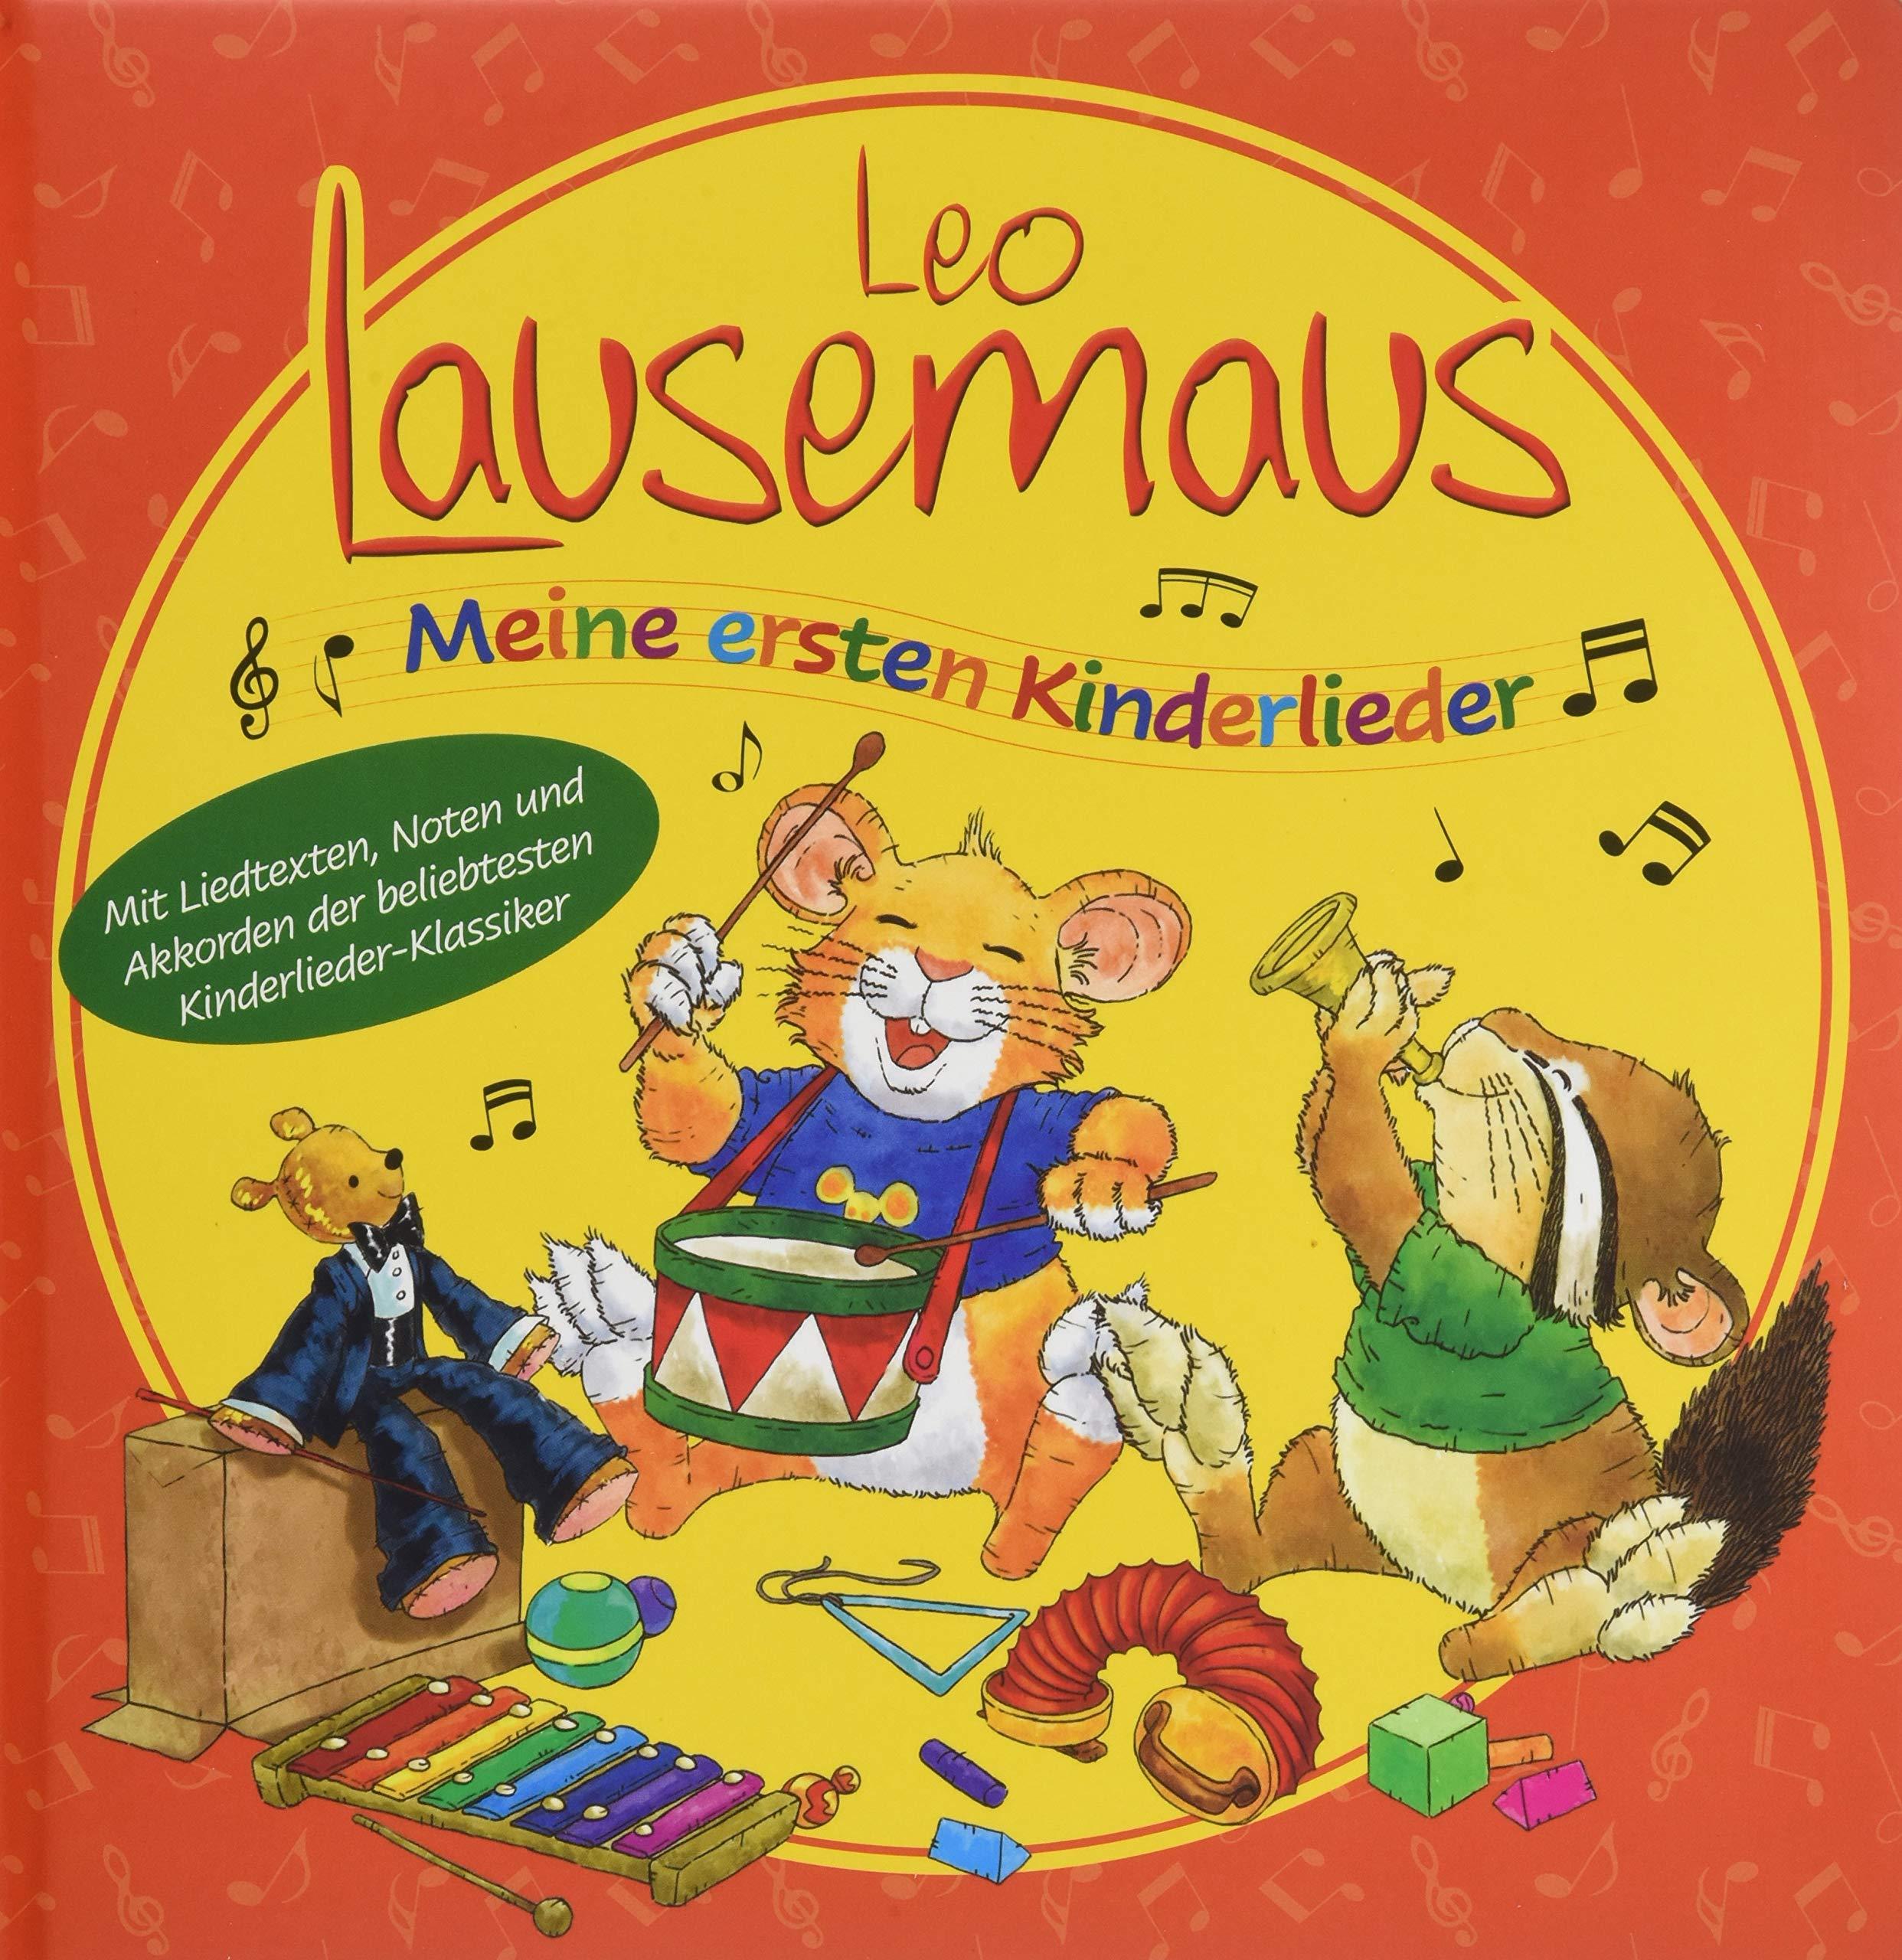 Adventsbox Leo Lausemaus 24 Wiring Library Trailer Harness On Victory Vision Tail Light Diagram Meine Ersten Kinderlieder Amazonde Helmut Lingen Verlag Gmbh